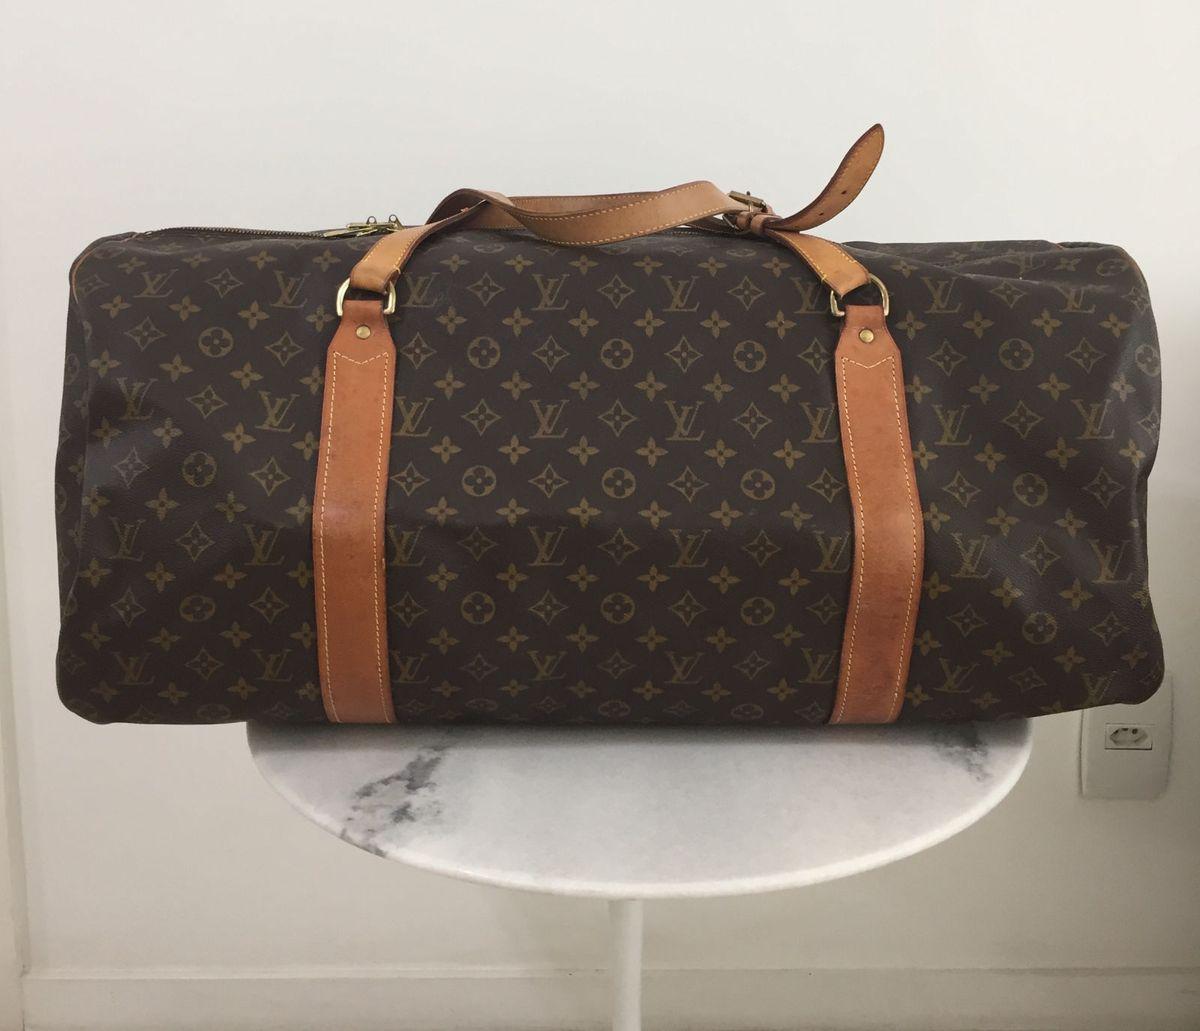 46e1e4bfa Mala Louis Vuitton Antiga Flexível | Bolsa de Ombro Feminina Louis ...